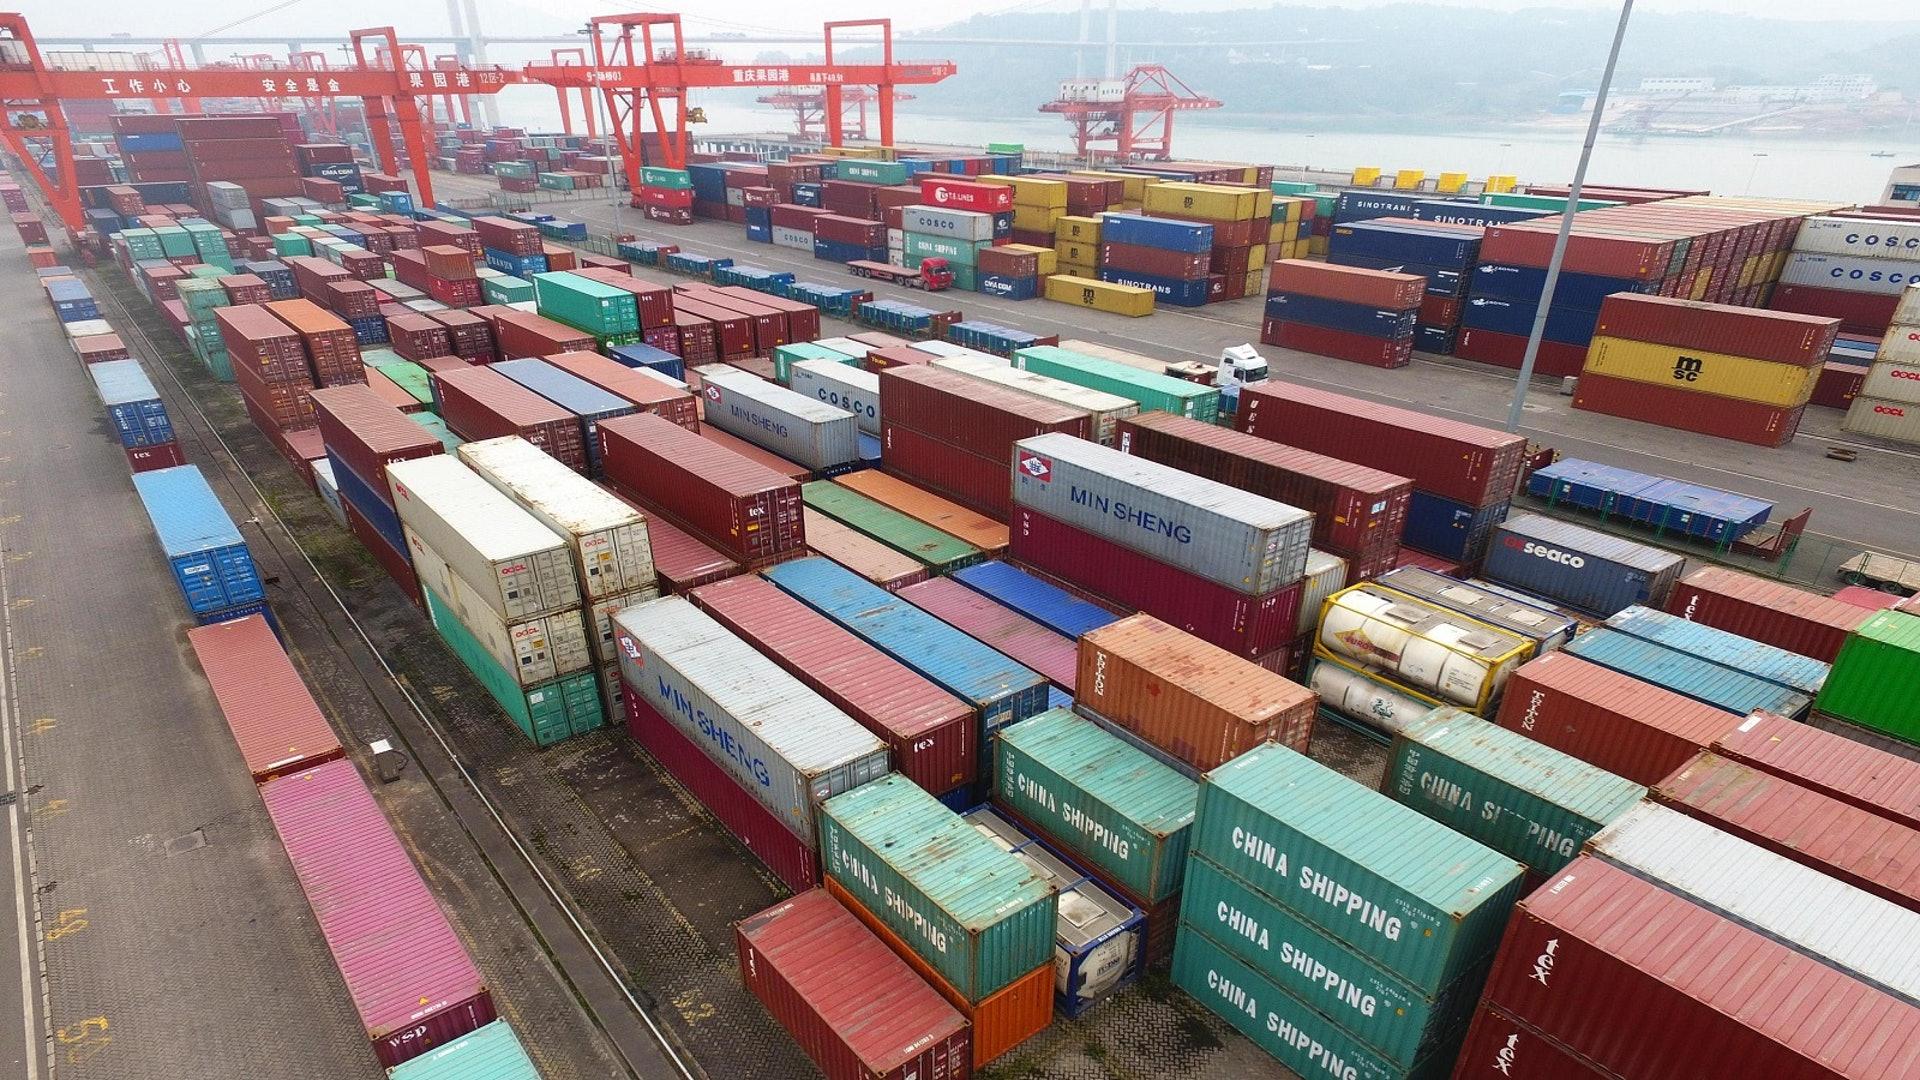 广东是中国制造业重镇,在中美贸易战中受到严重冲击。(VCG)